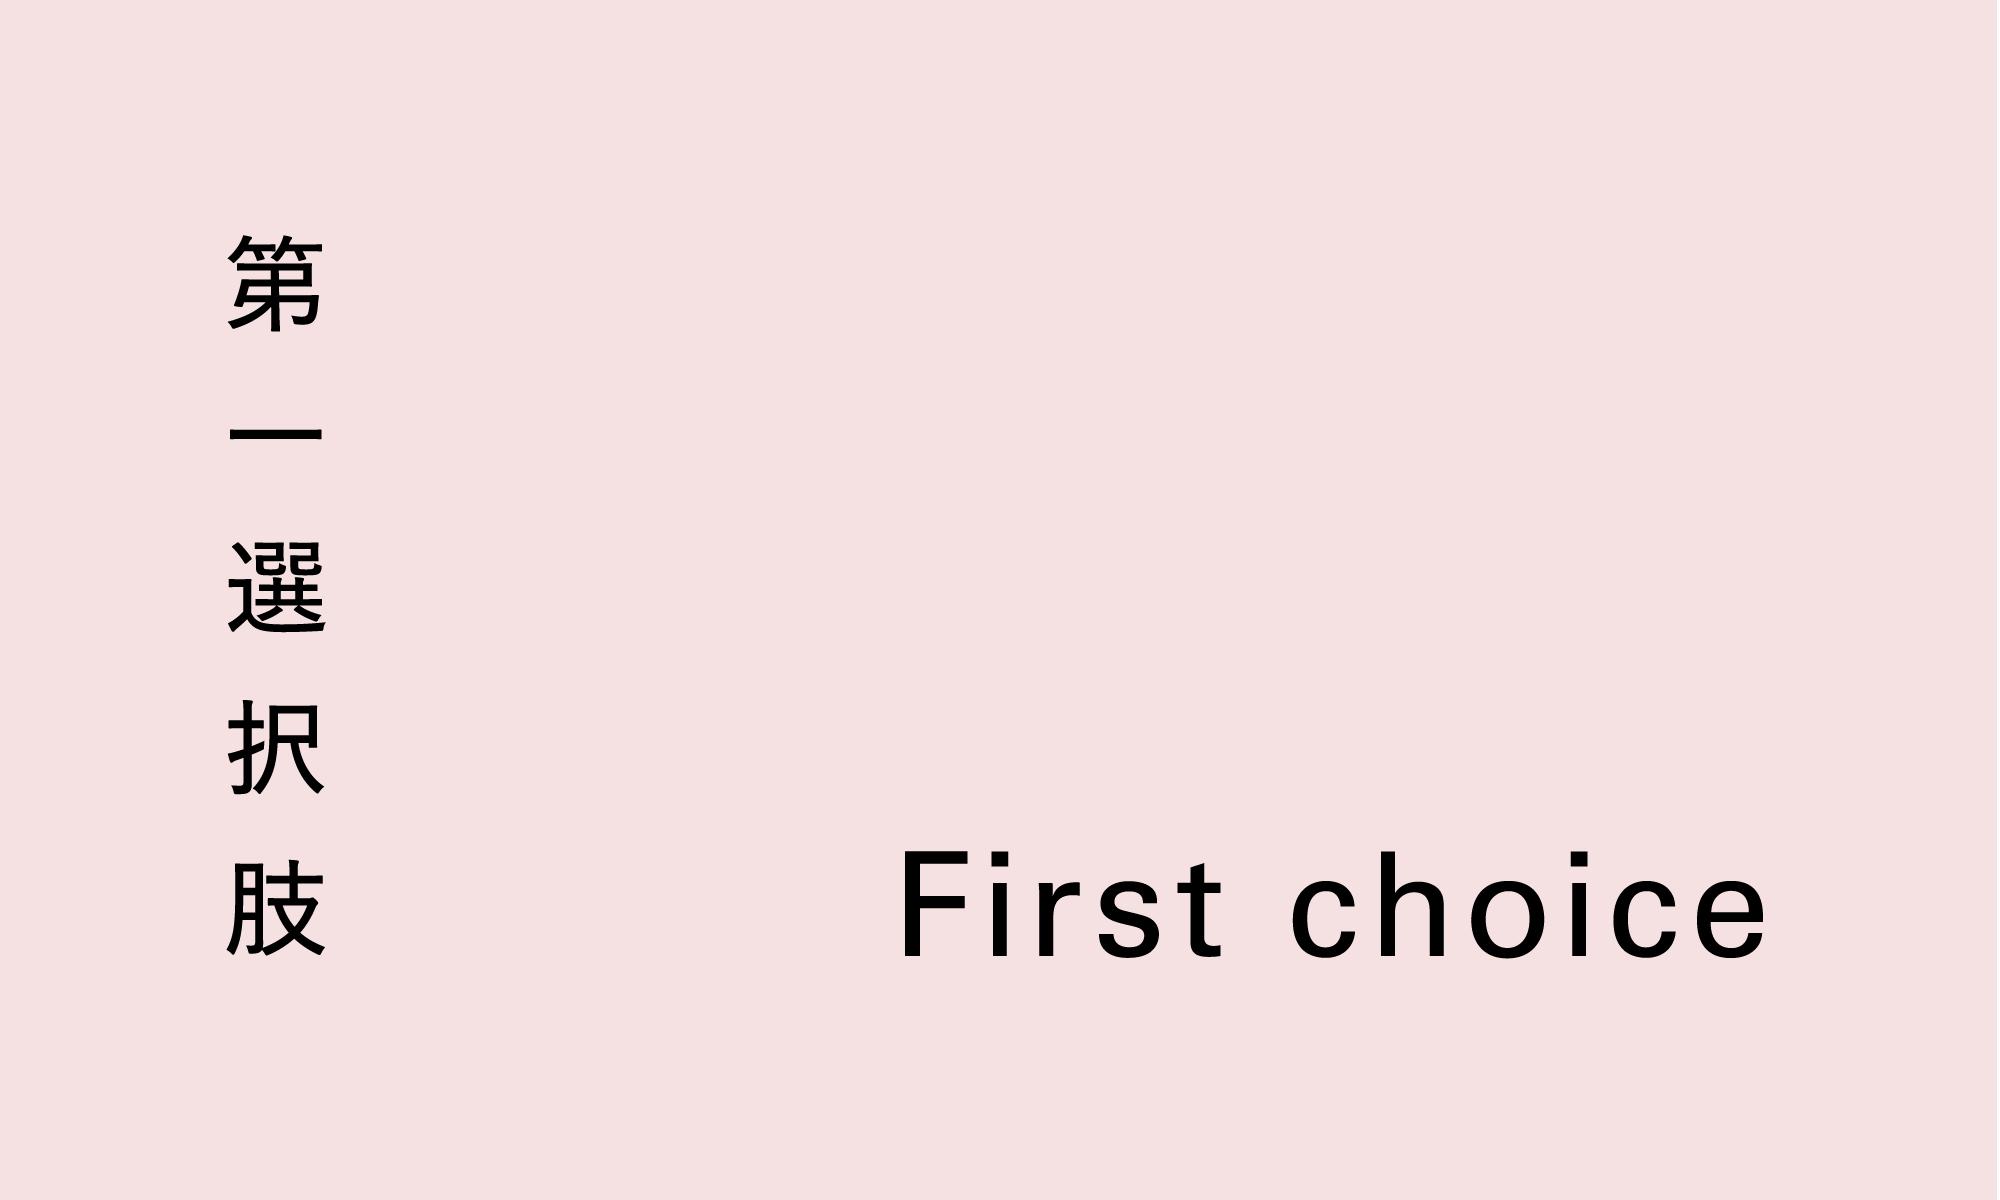 英語が第一選択肢。